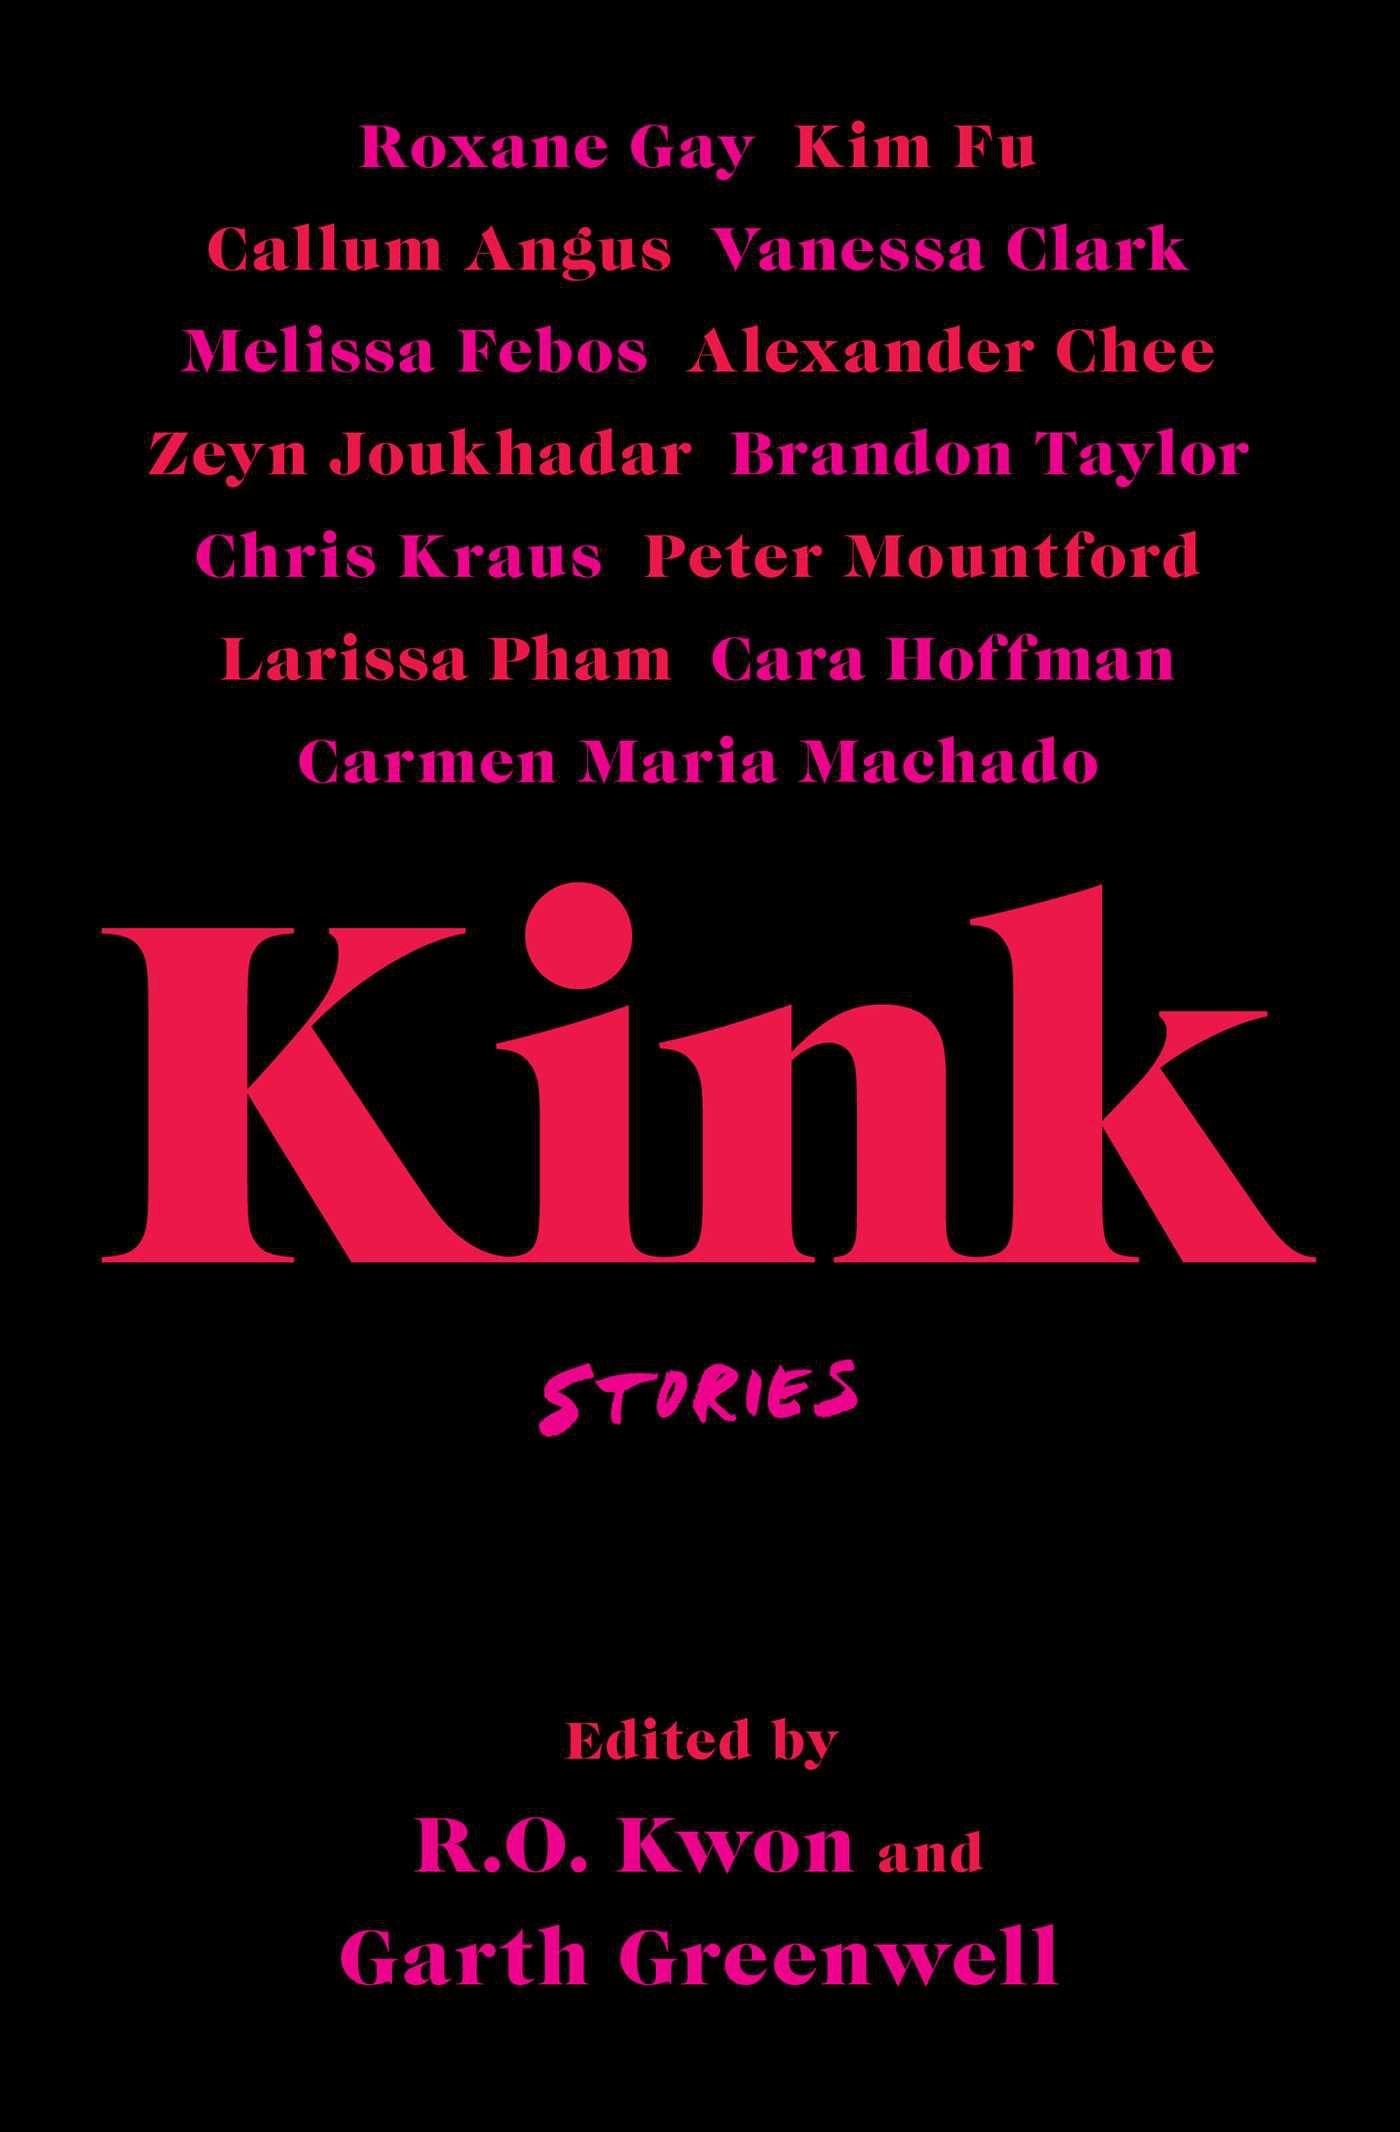 Kink by R.O. Kwon and Garth Greenwell